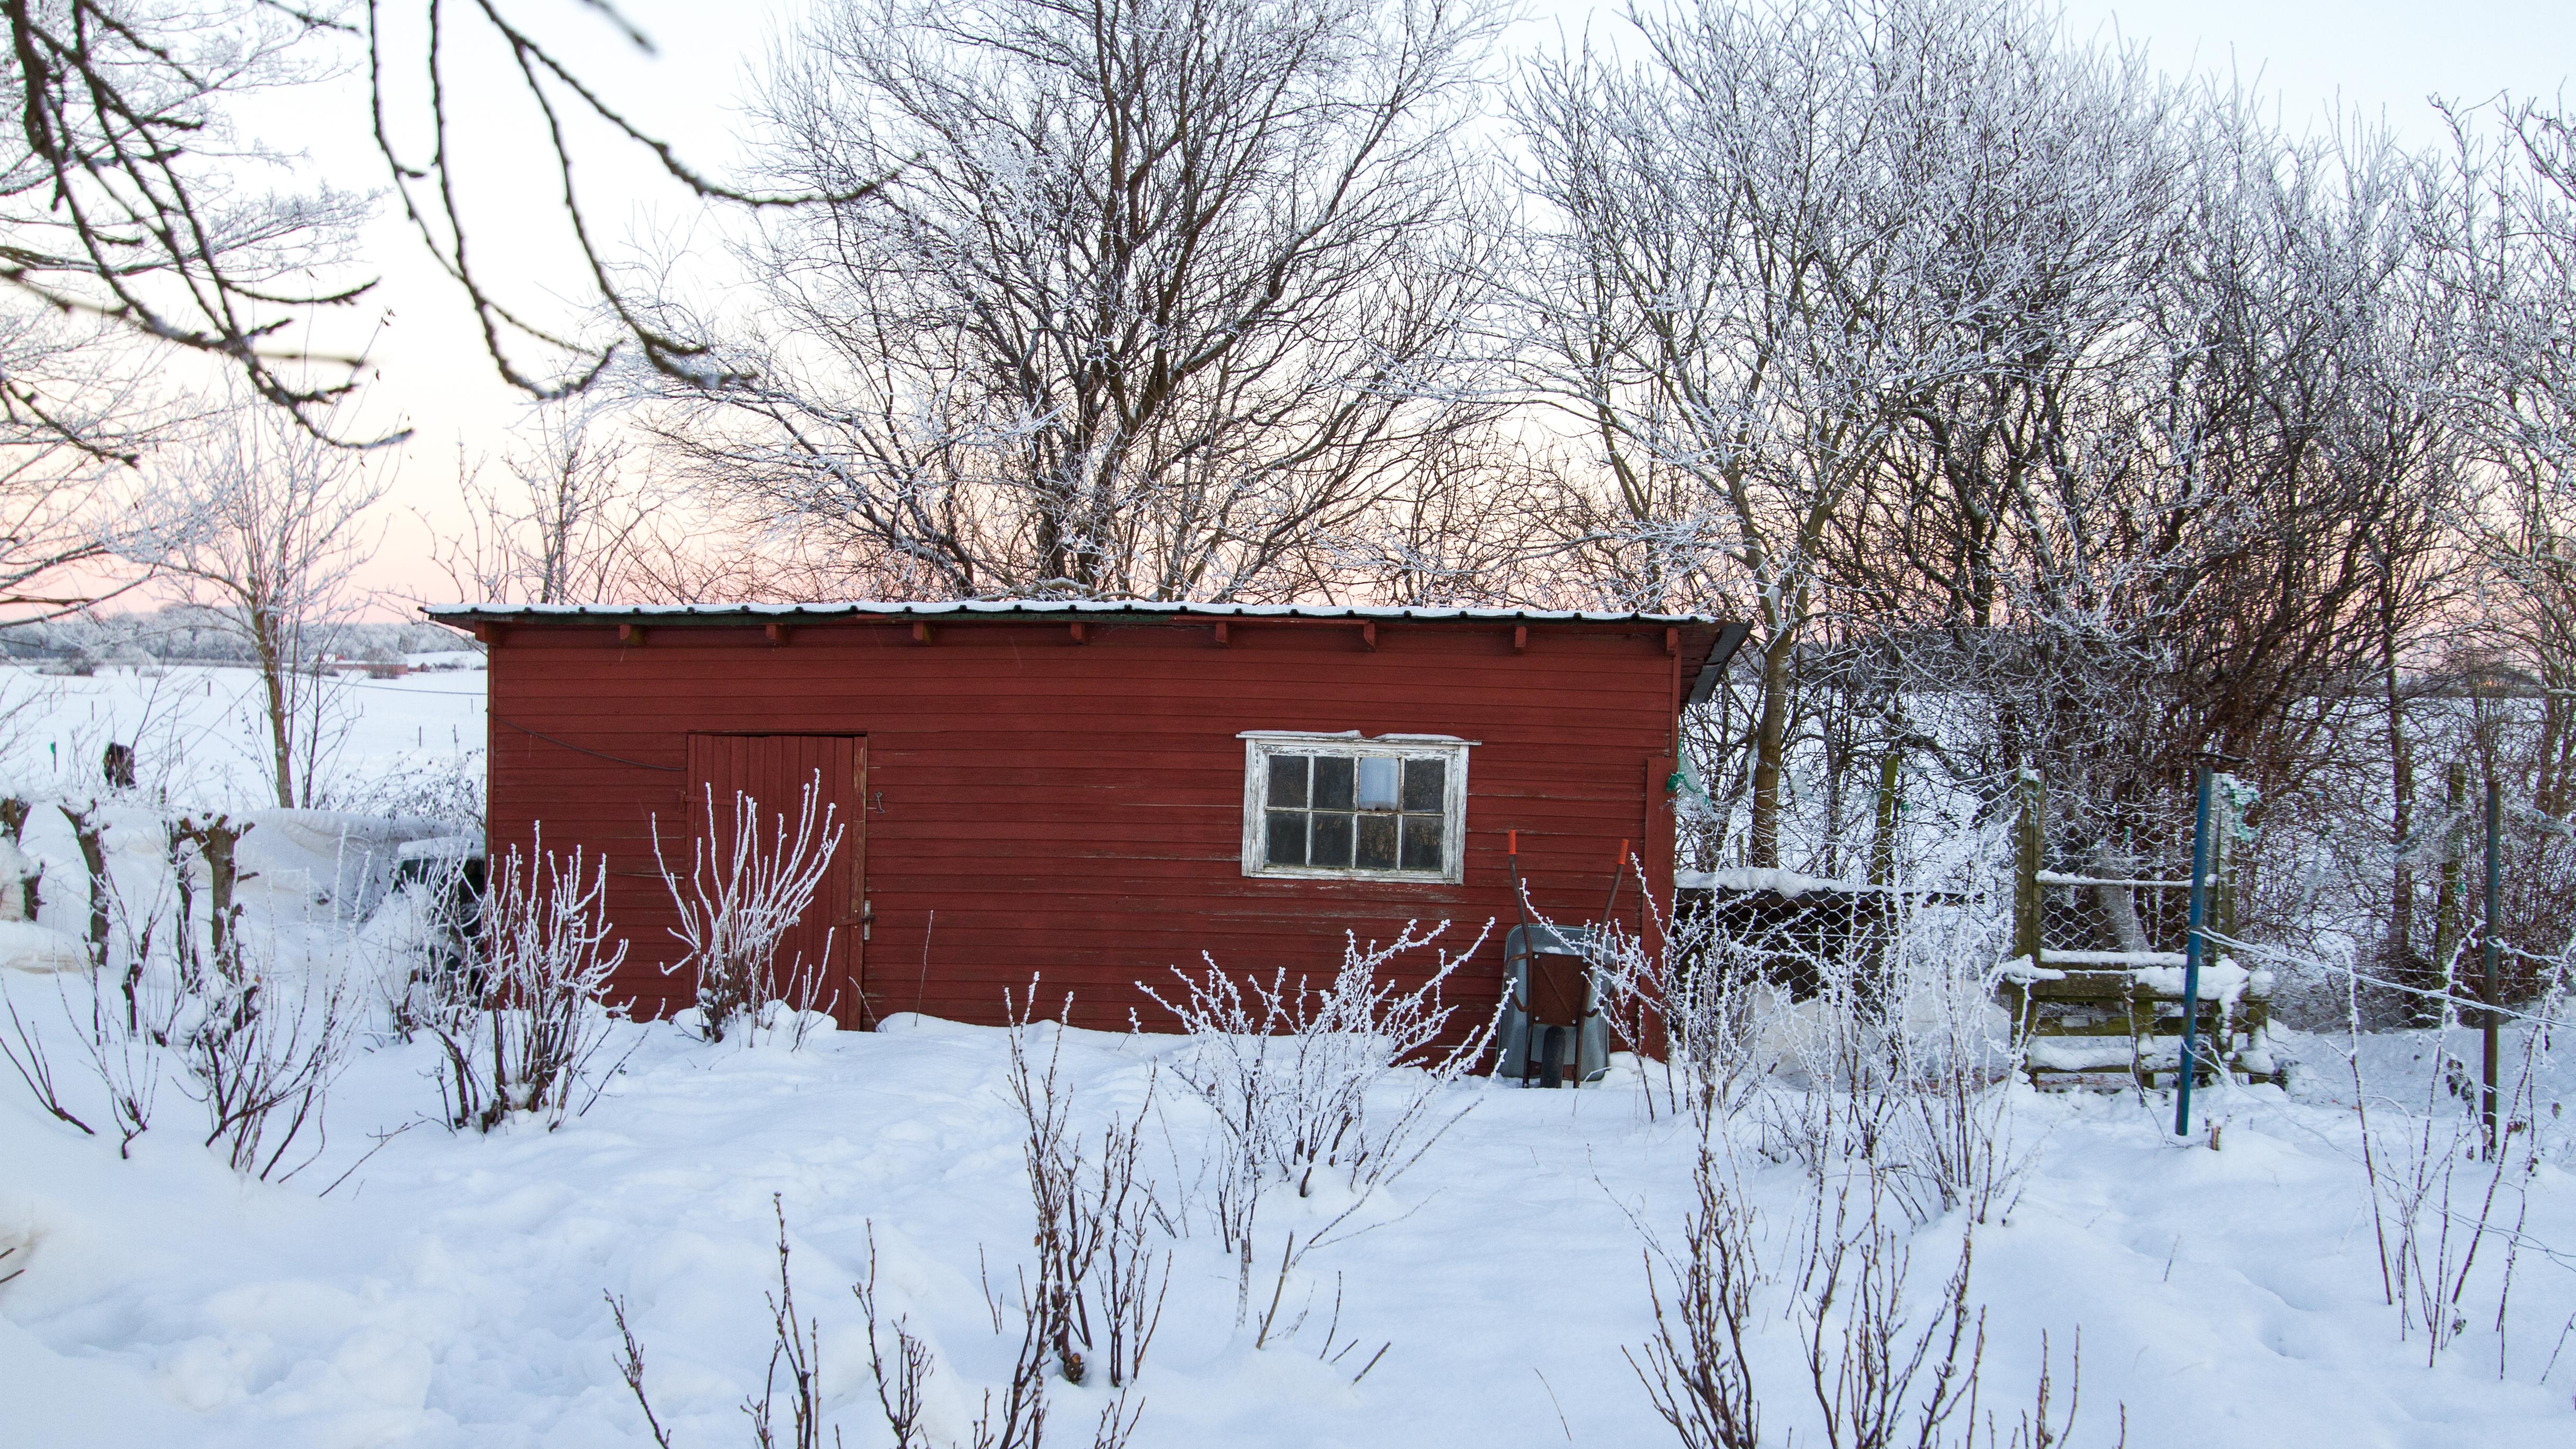 Hønsehuset Klædt I Sne